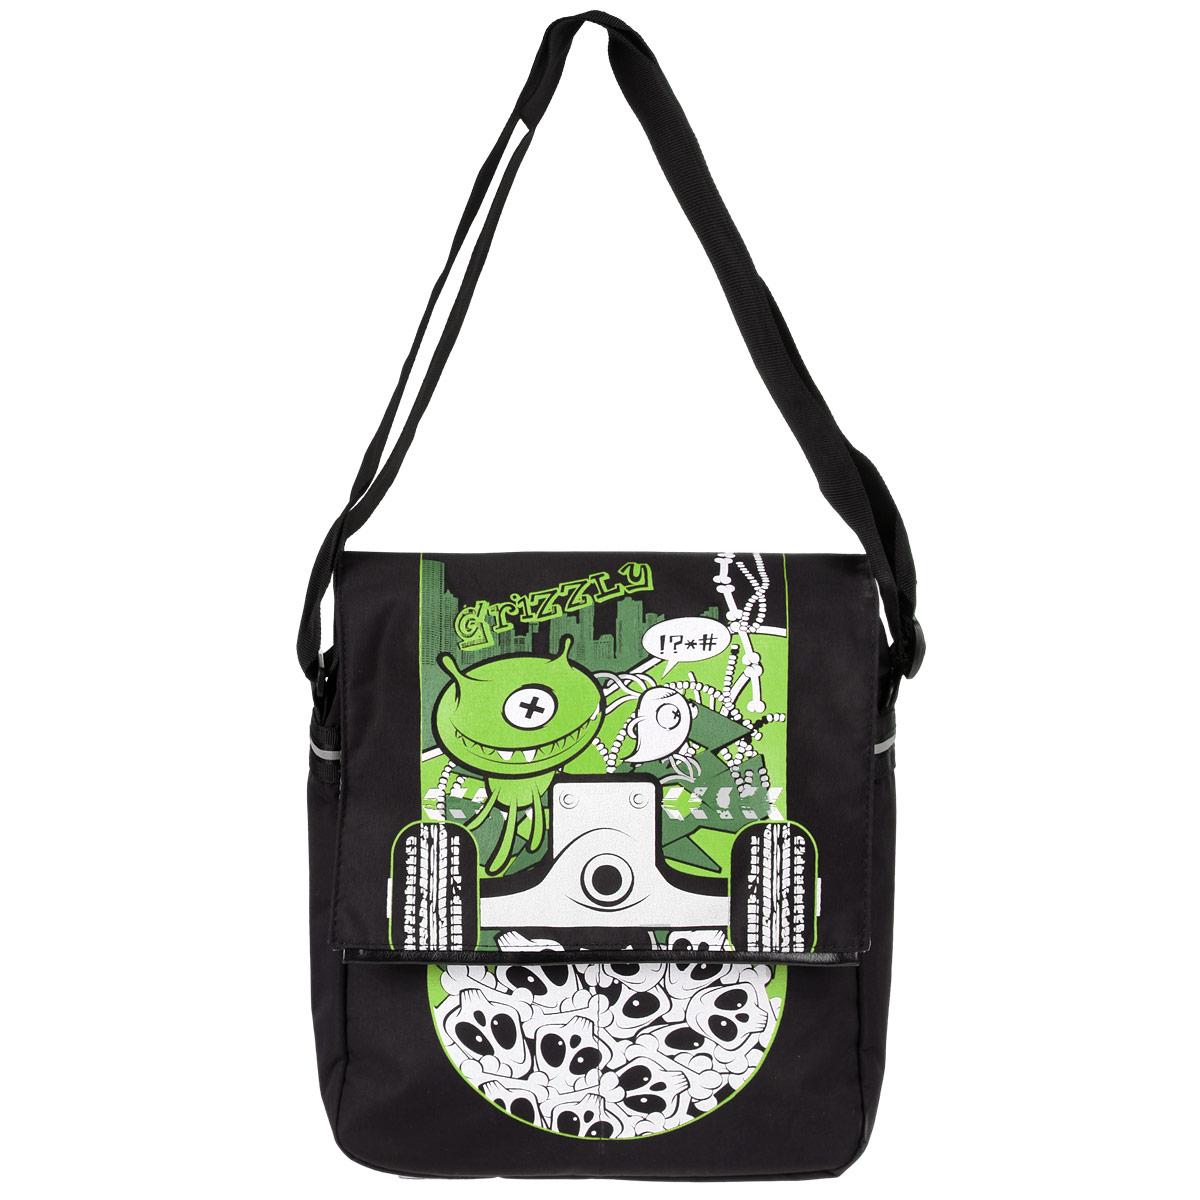 Сумка школьная Grizzly, цвет: черный, зеленый. MM-426-3MM-426-3/2Сумка молодежная с двумя отделениями и клапаном, плоскими карманами на передней стенке, карманом на молнии на задней стенке, с внутренними карманами, регулируемым плечевым ремнем и ручкой для переноски